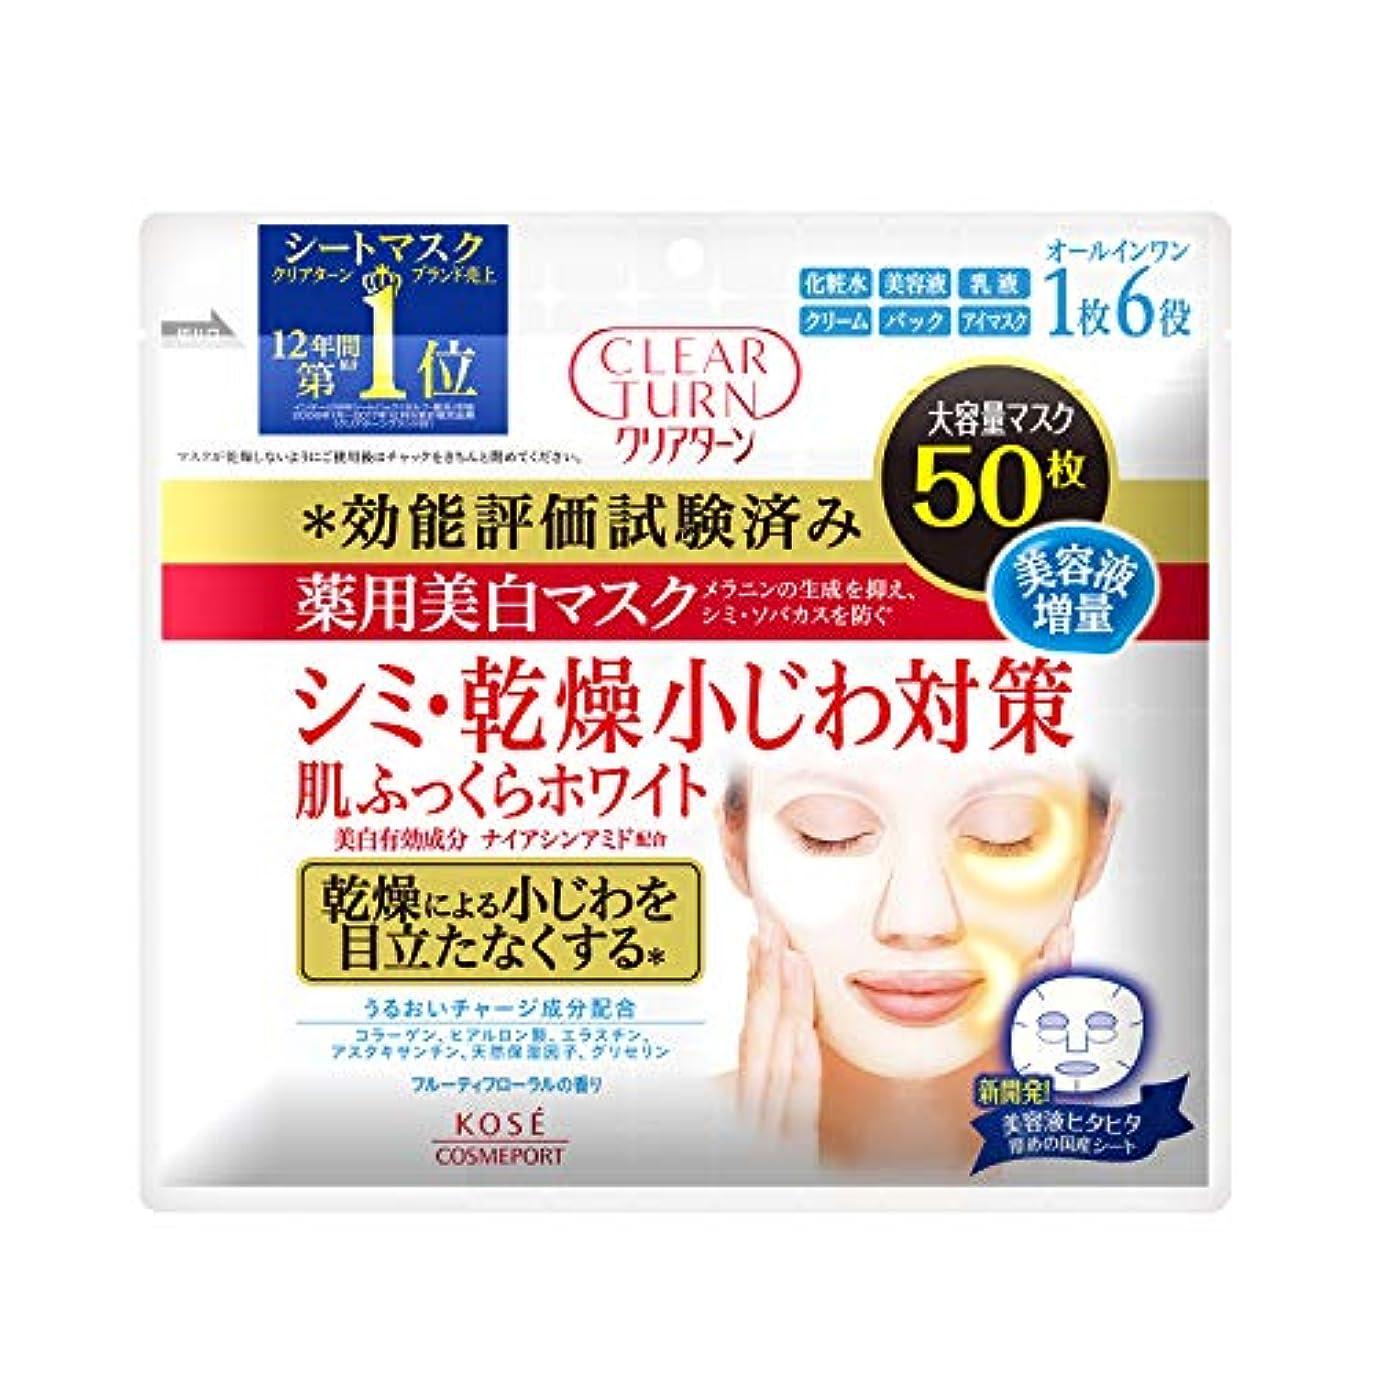 フリル姉妹クルーKOSE コーセー クリアターン 薬用美白 肌ホワイト マスク 50枚 フェイスマスク (医薬部外品)